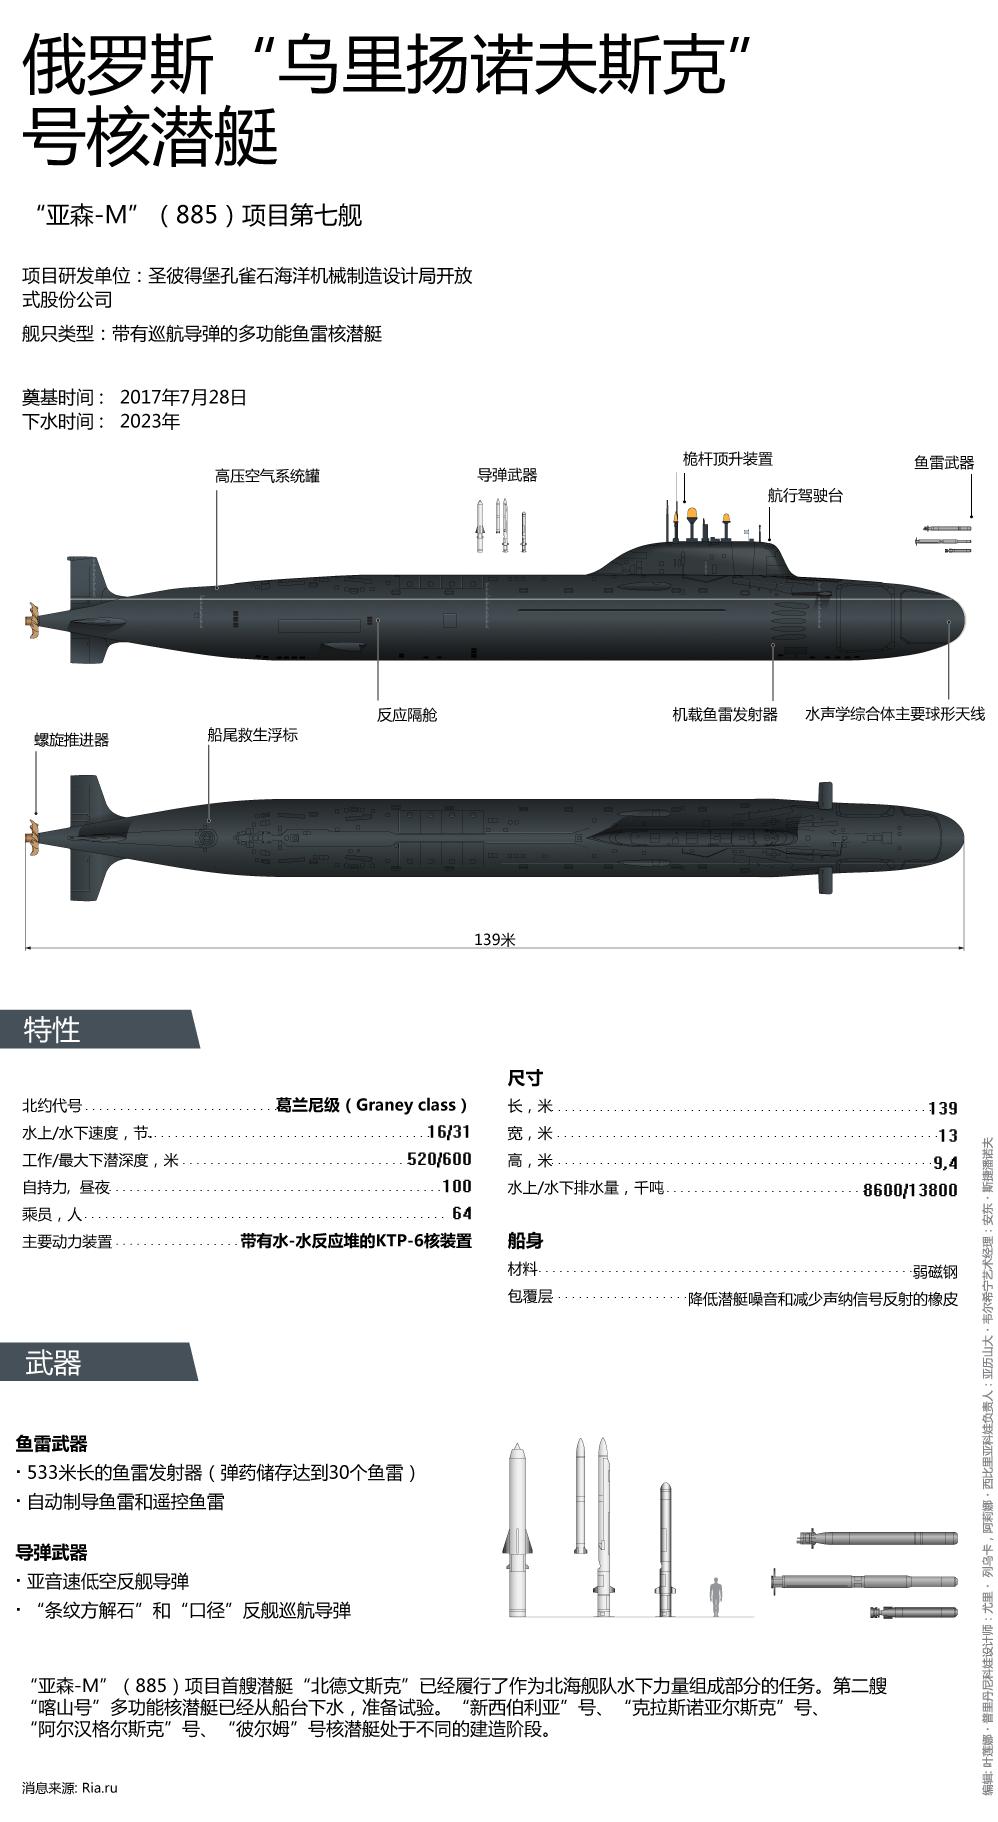 """俄罗斯""""乌里扬诺夫斯克""""号核潜艇"""